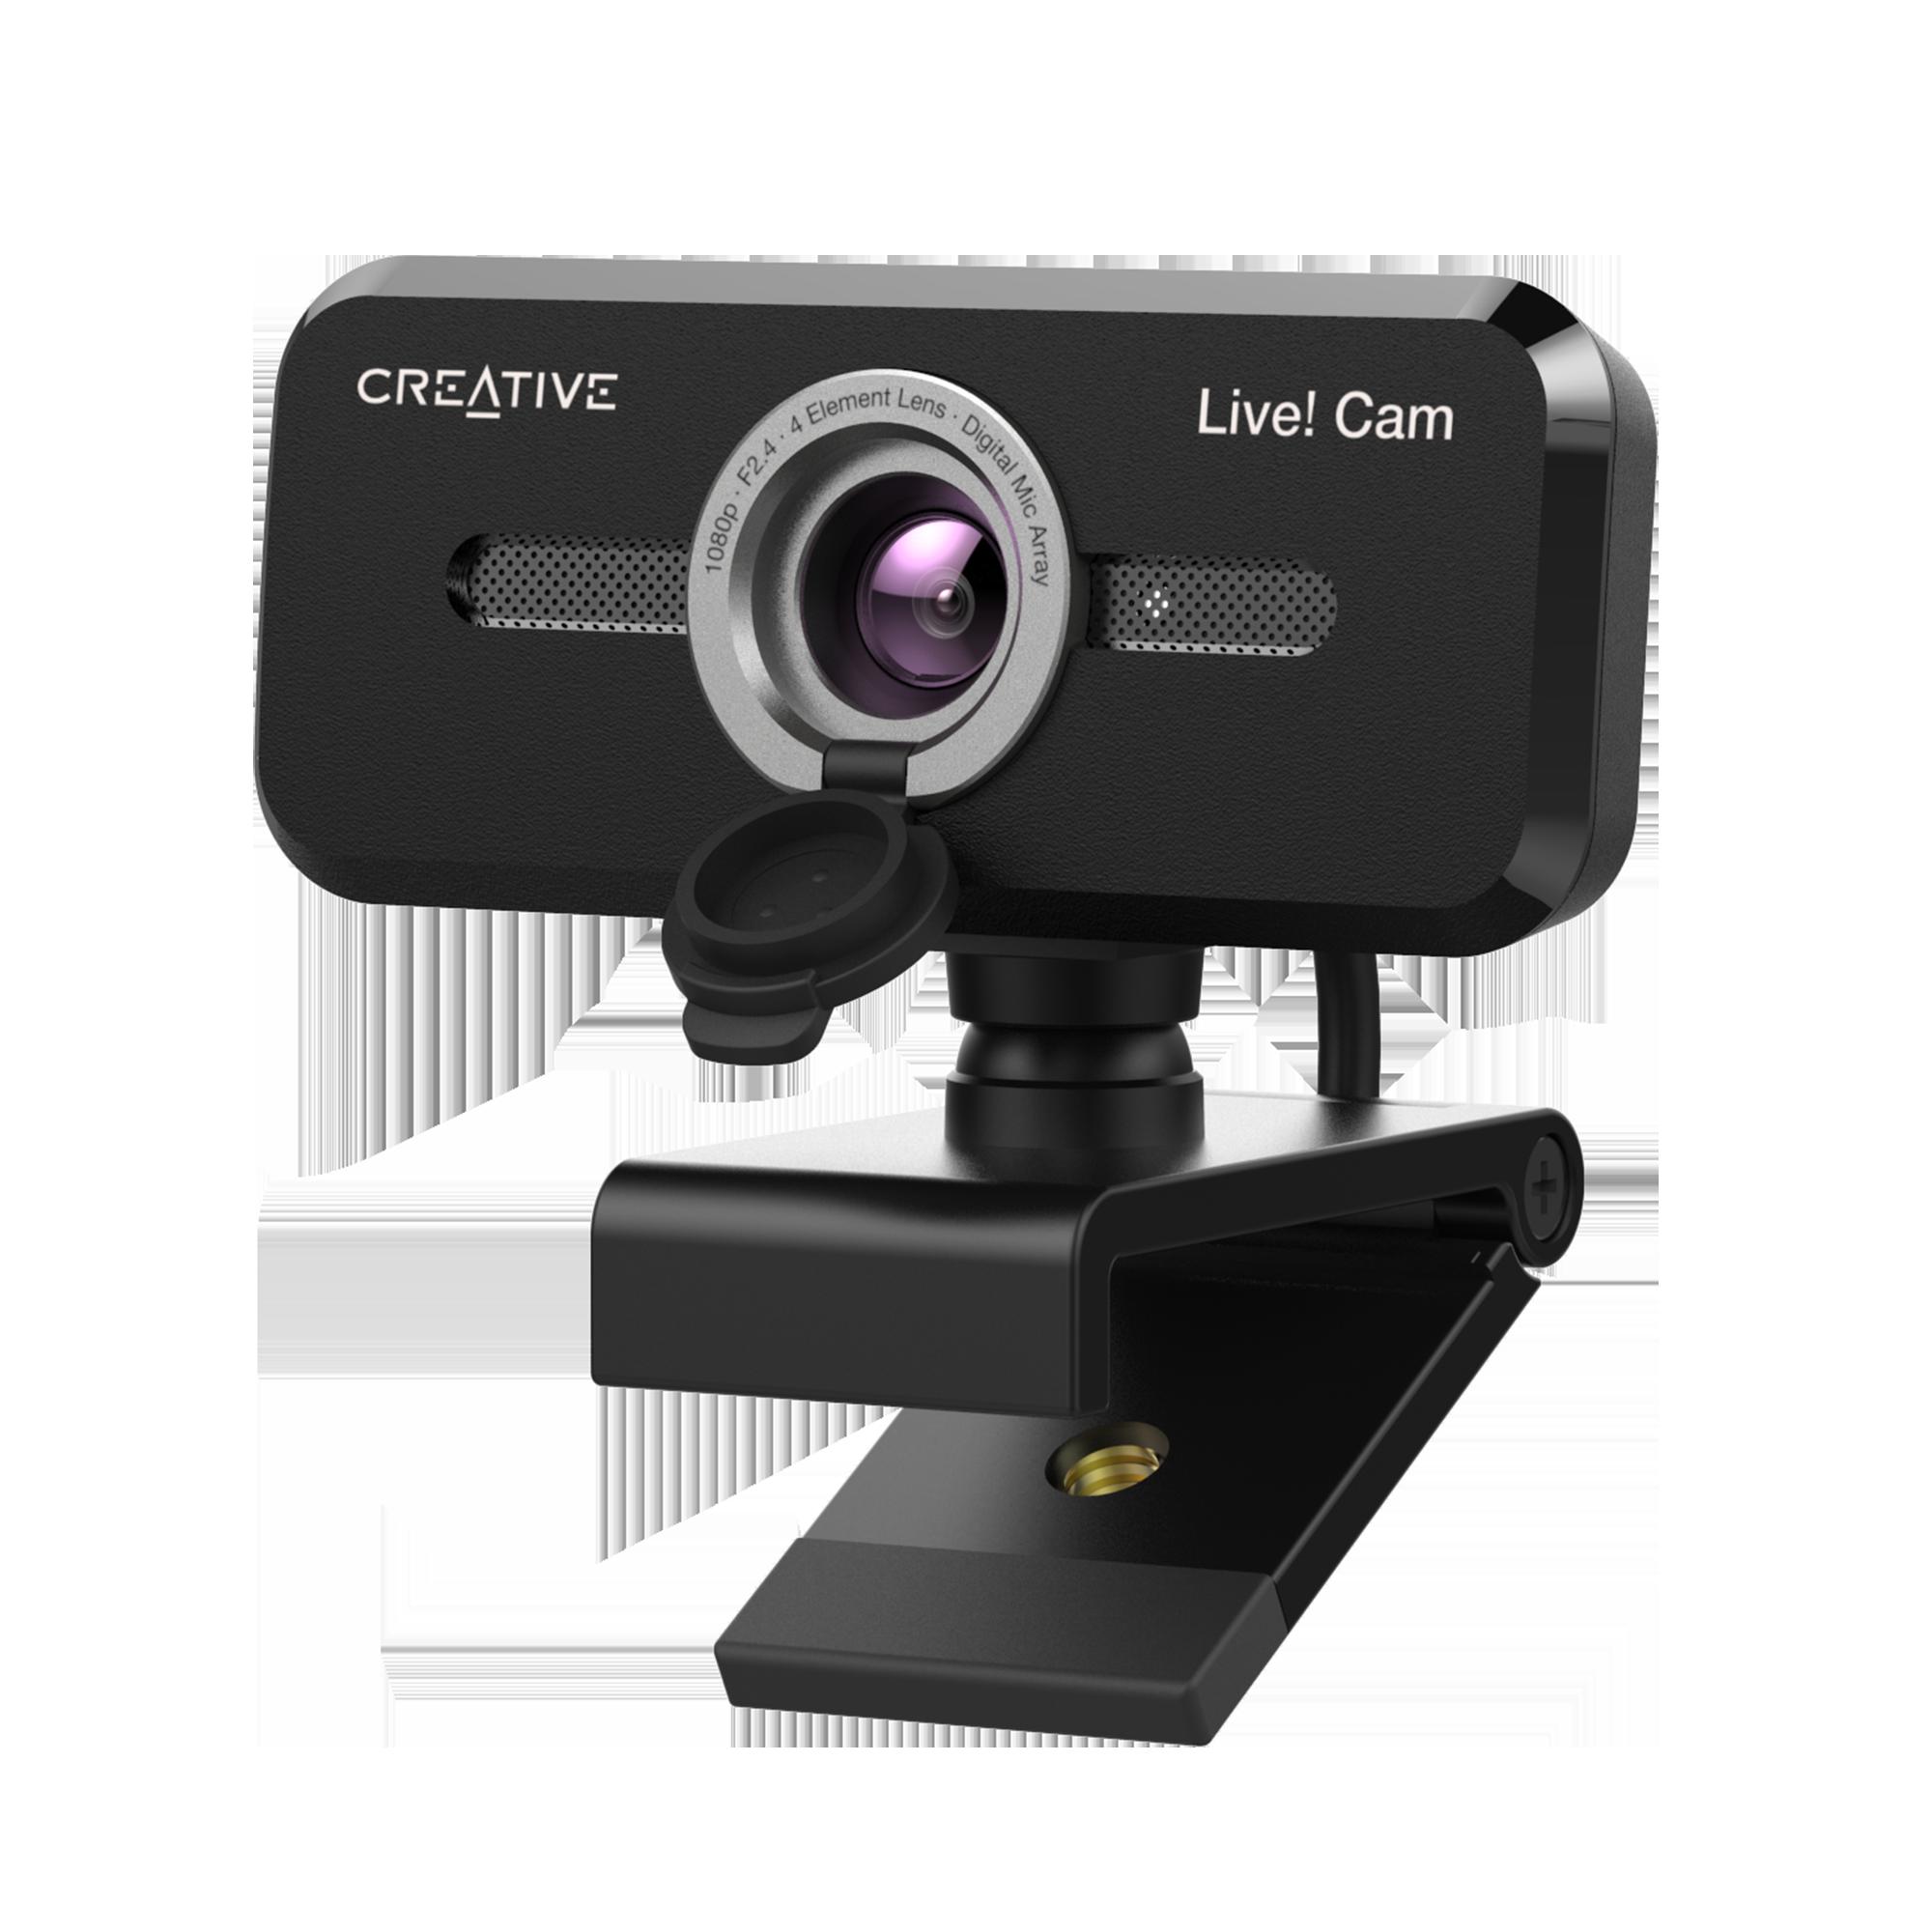 Image of Creative Live! Cam Sync 1080p V2